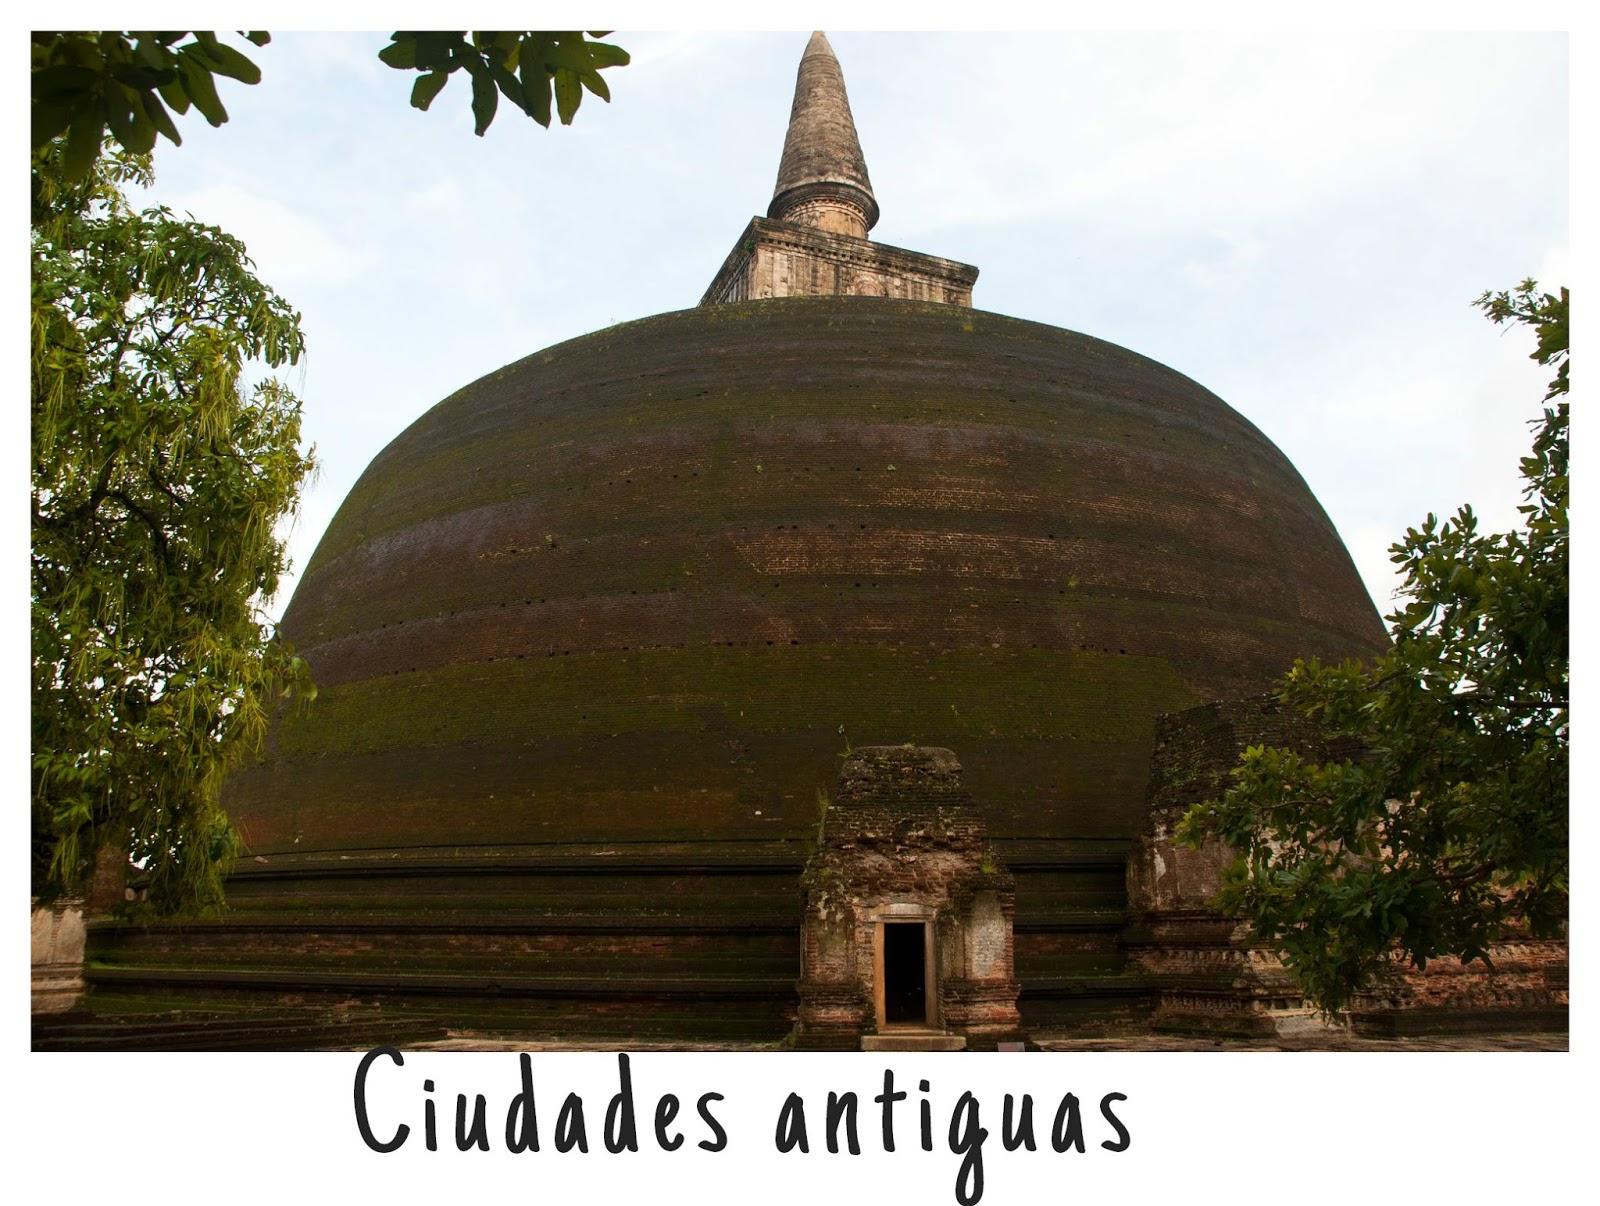 http://www.depatitasenelmundo.es/2014/12/de-paseo-por-las-ciudades-antiguas.html